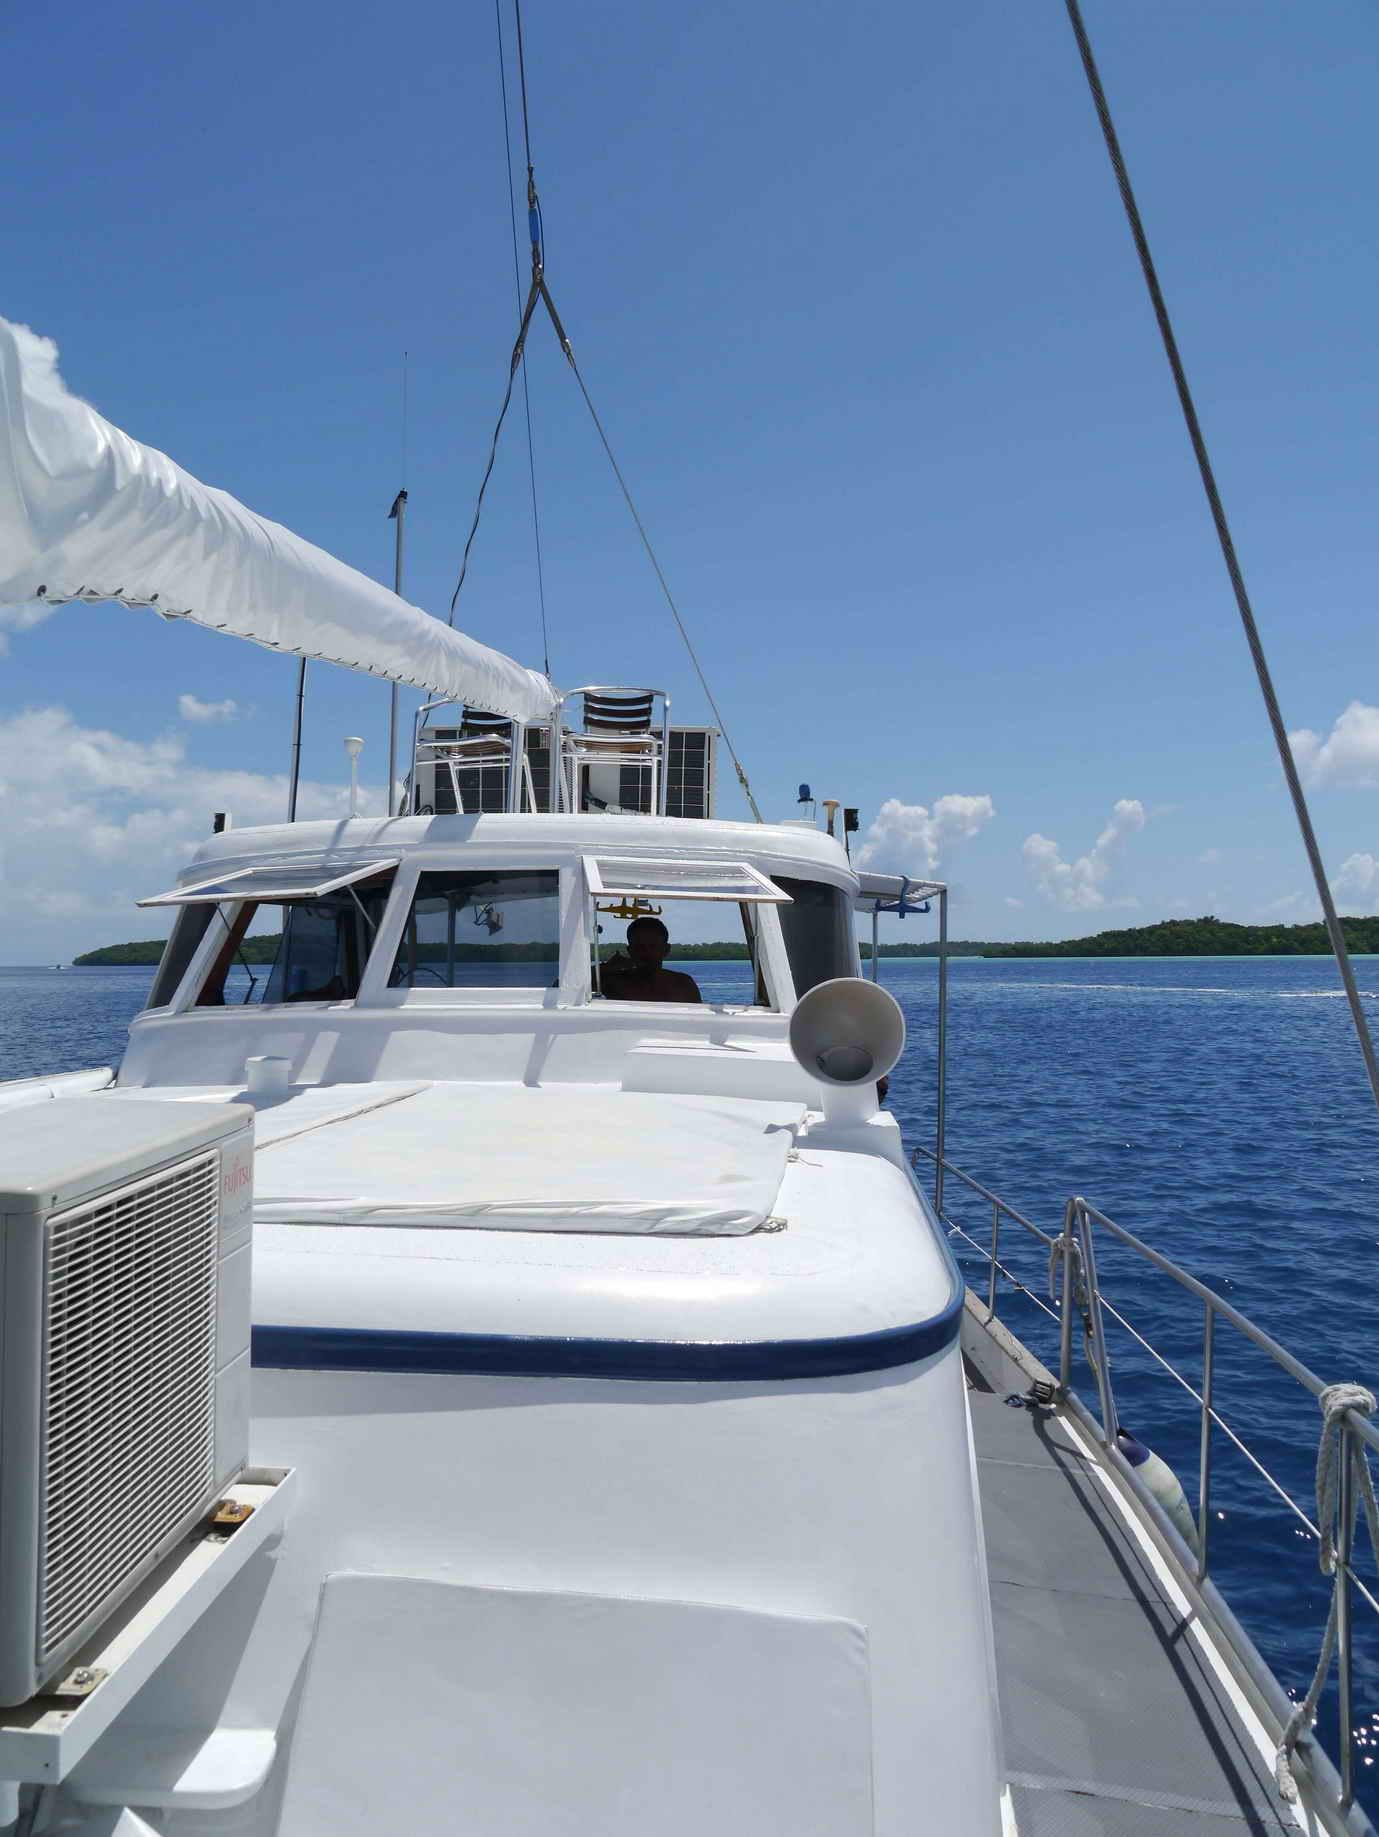 Bei einer Tauchsafari auf der Ocean Hunter hat man die Gelegenheit die Rock Islands von Palau nochmal von einer ganz anderen Perspektive zu sehen.